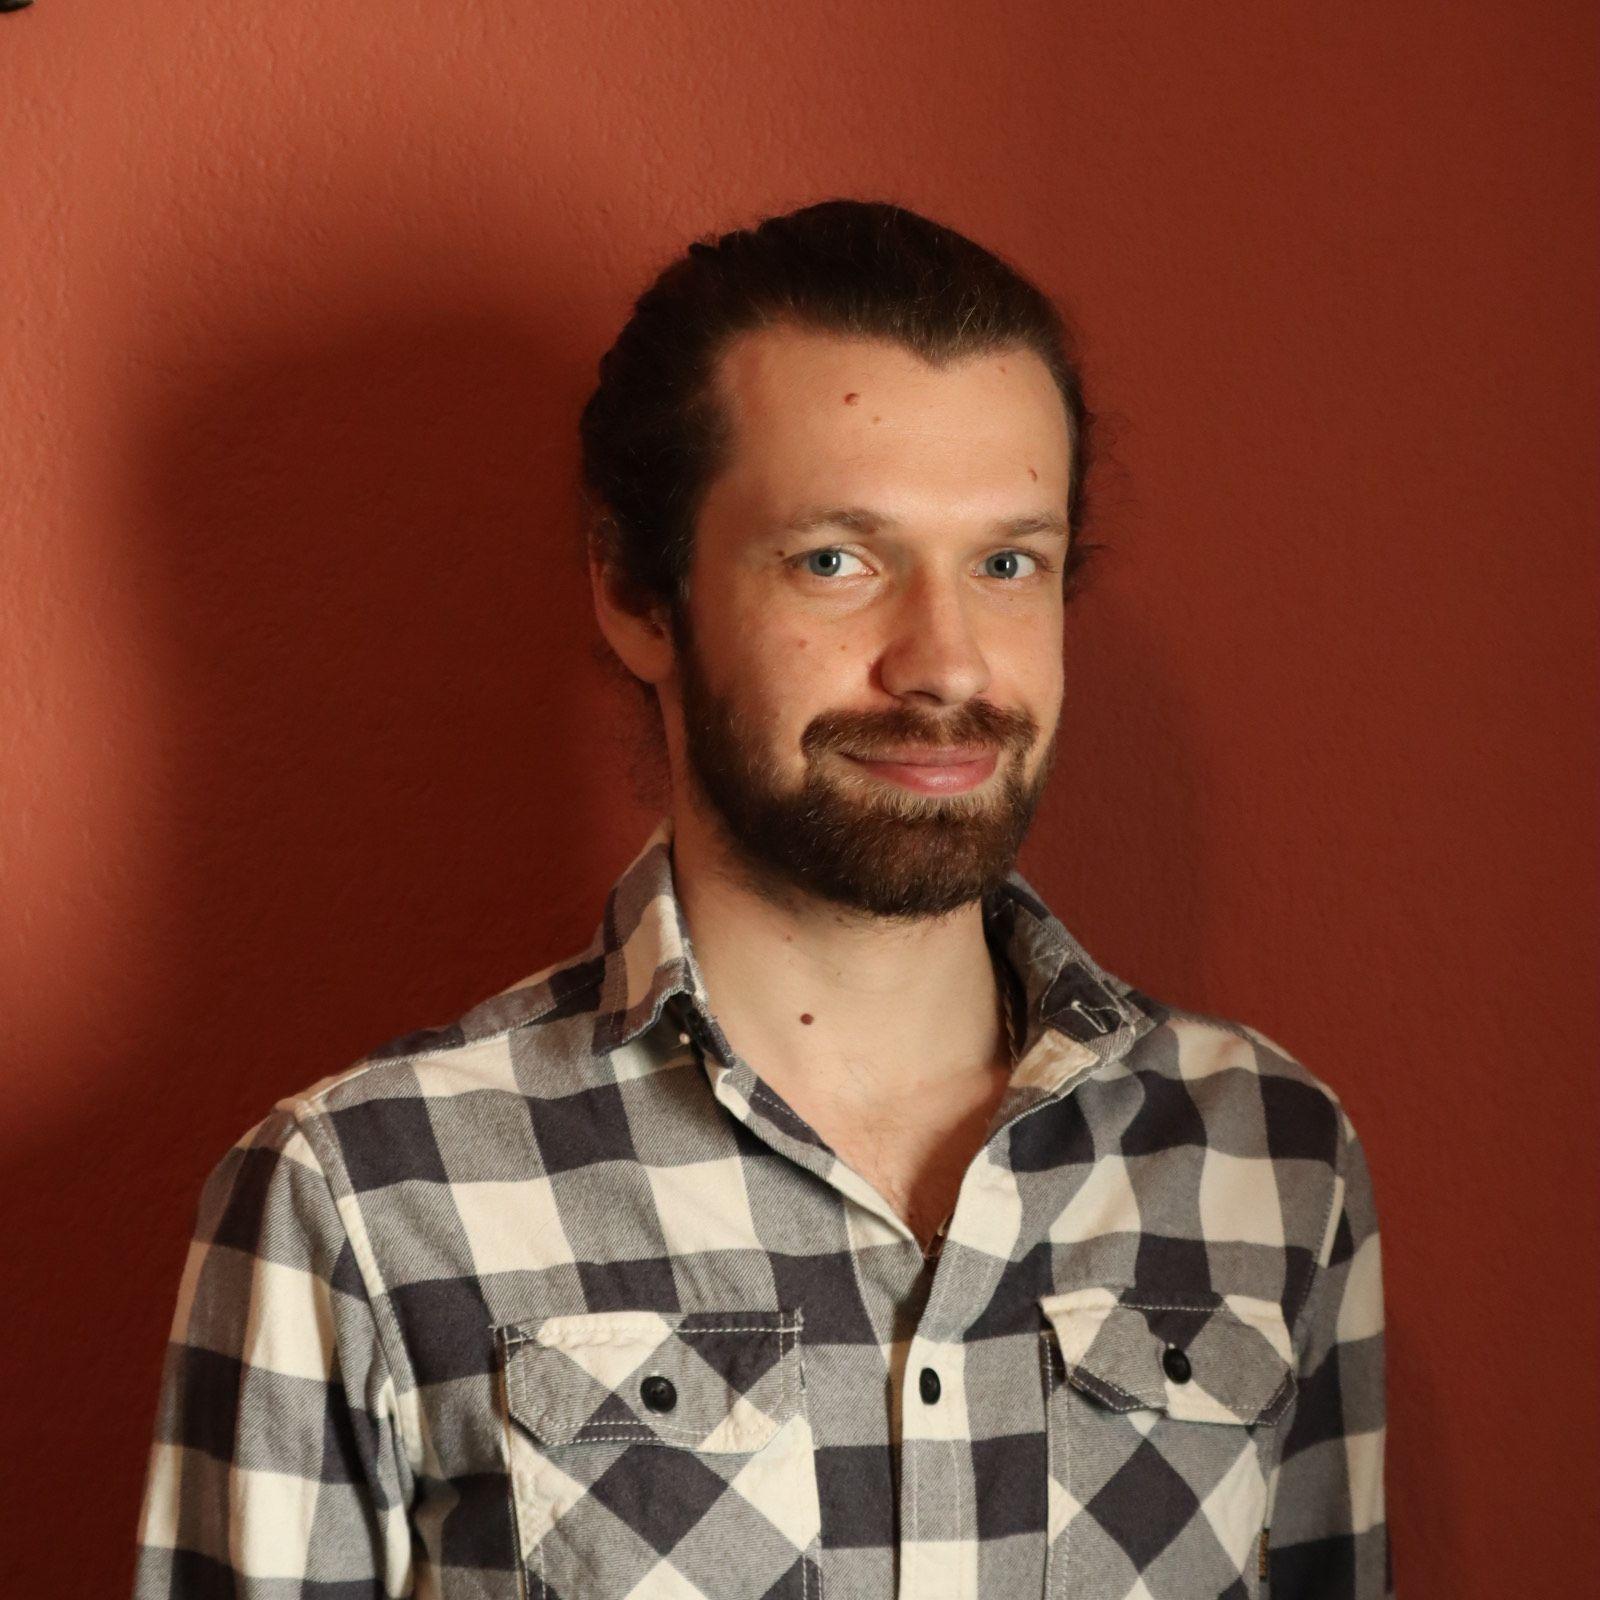 Il a suivi notre formation developpeur Lyon, le parcours d'Arnaud